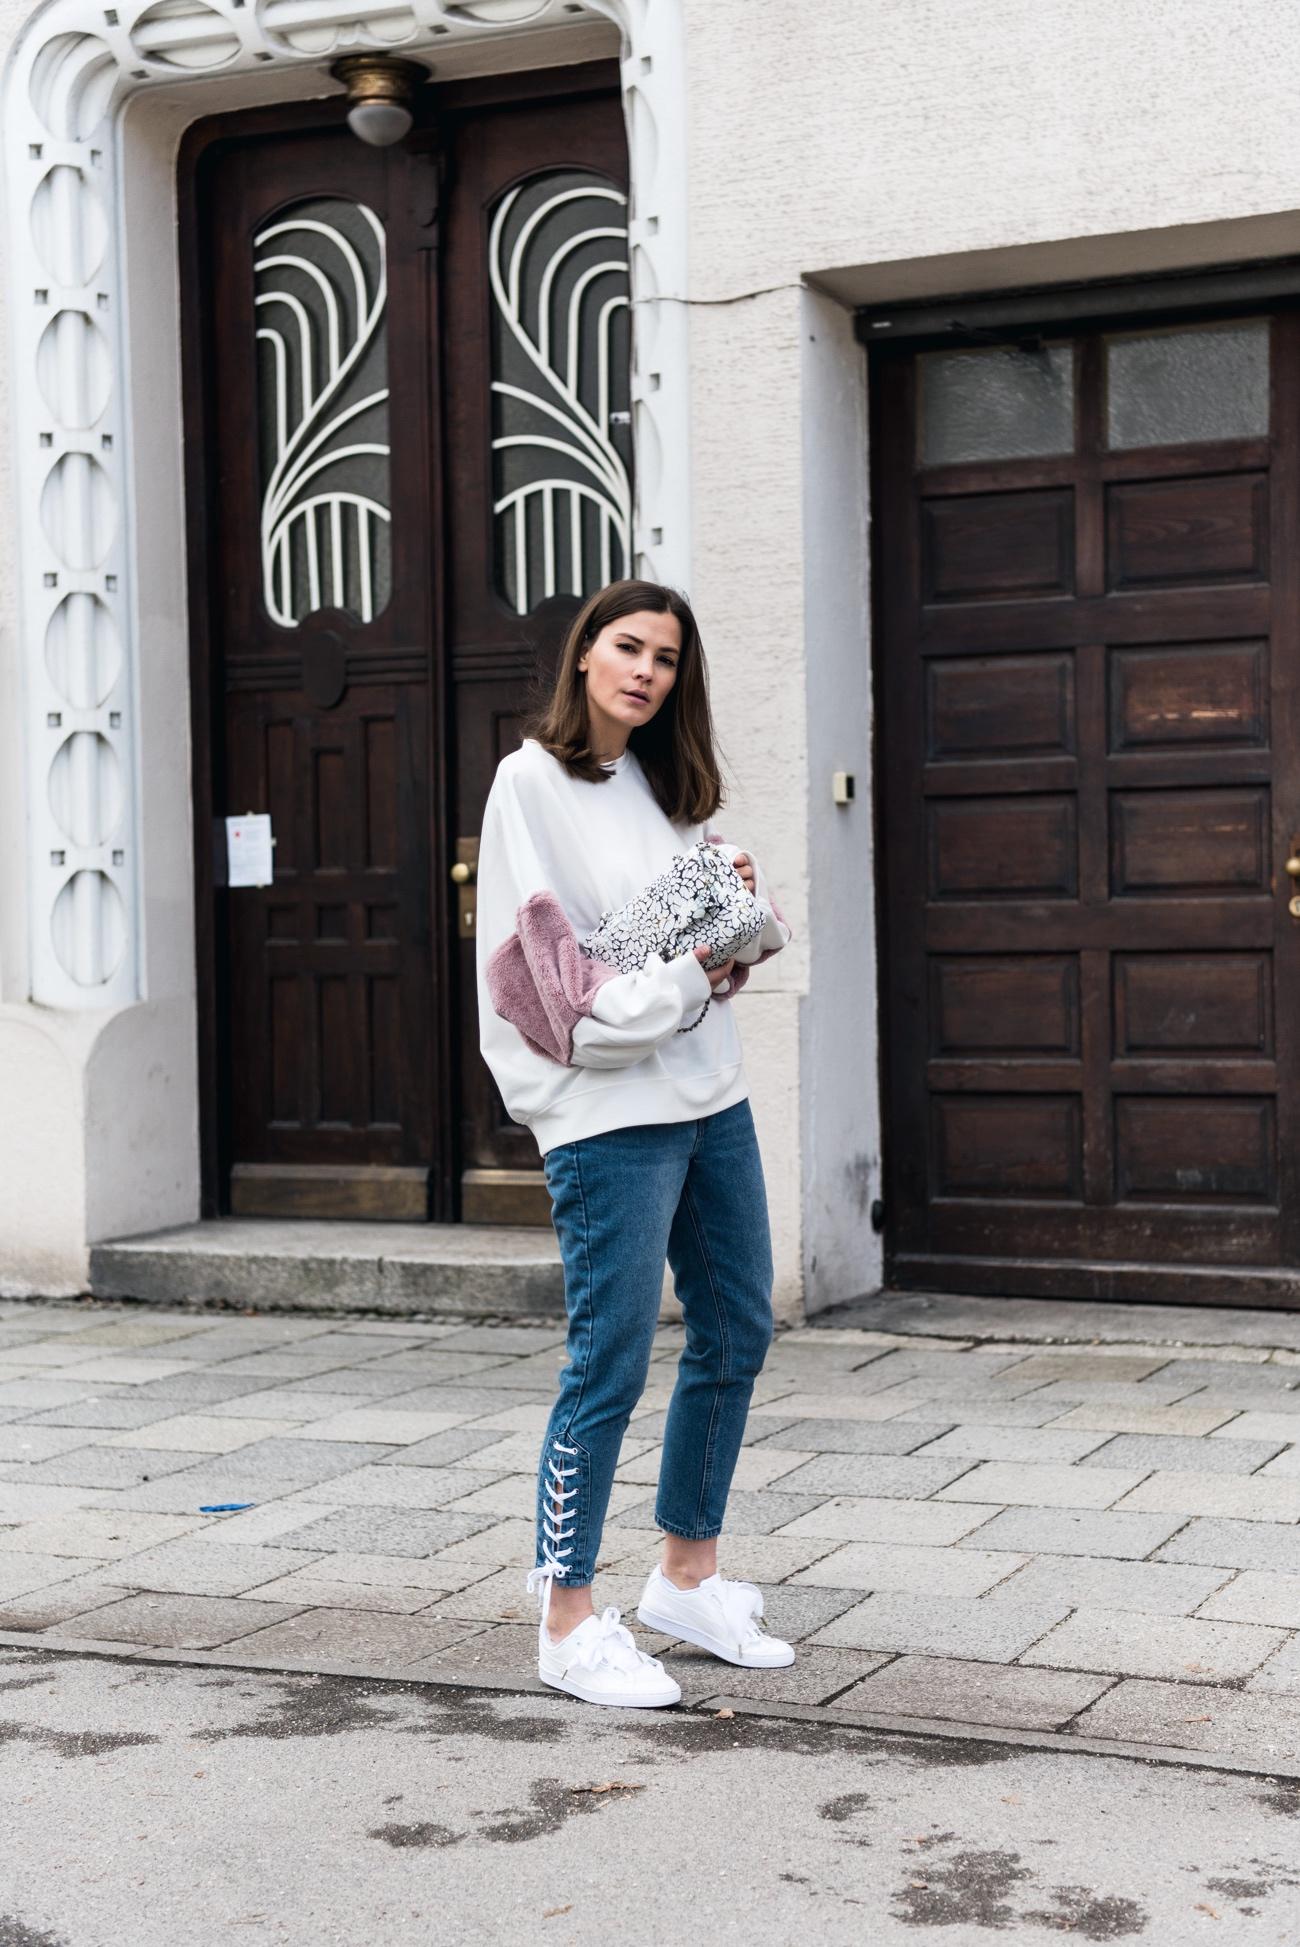 jeanshose-stylish-und-modisch-kombinieren-chanel-tweed-tasche-mit-blumenmotiv-fashiioncarpet